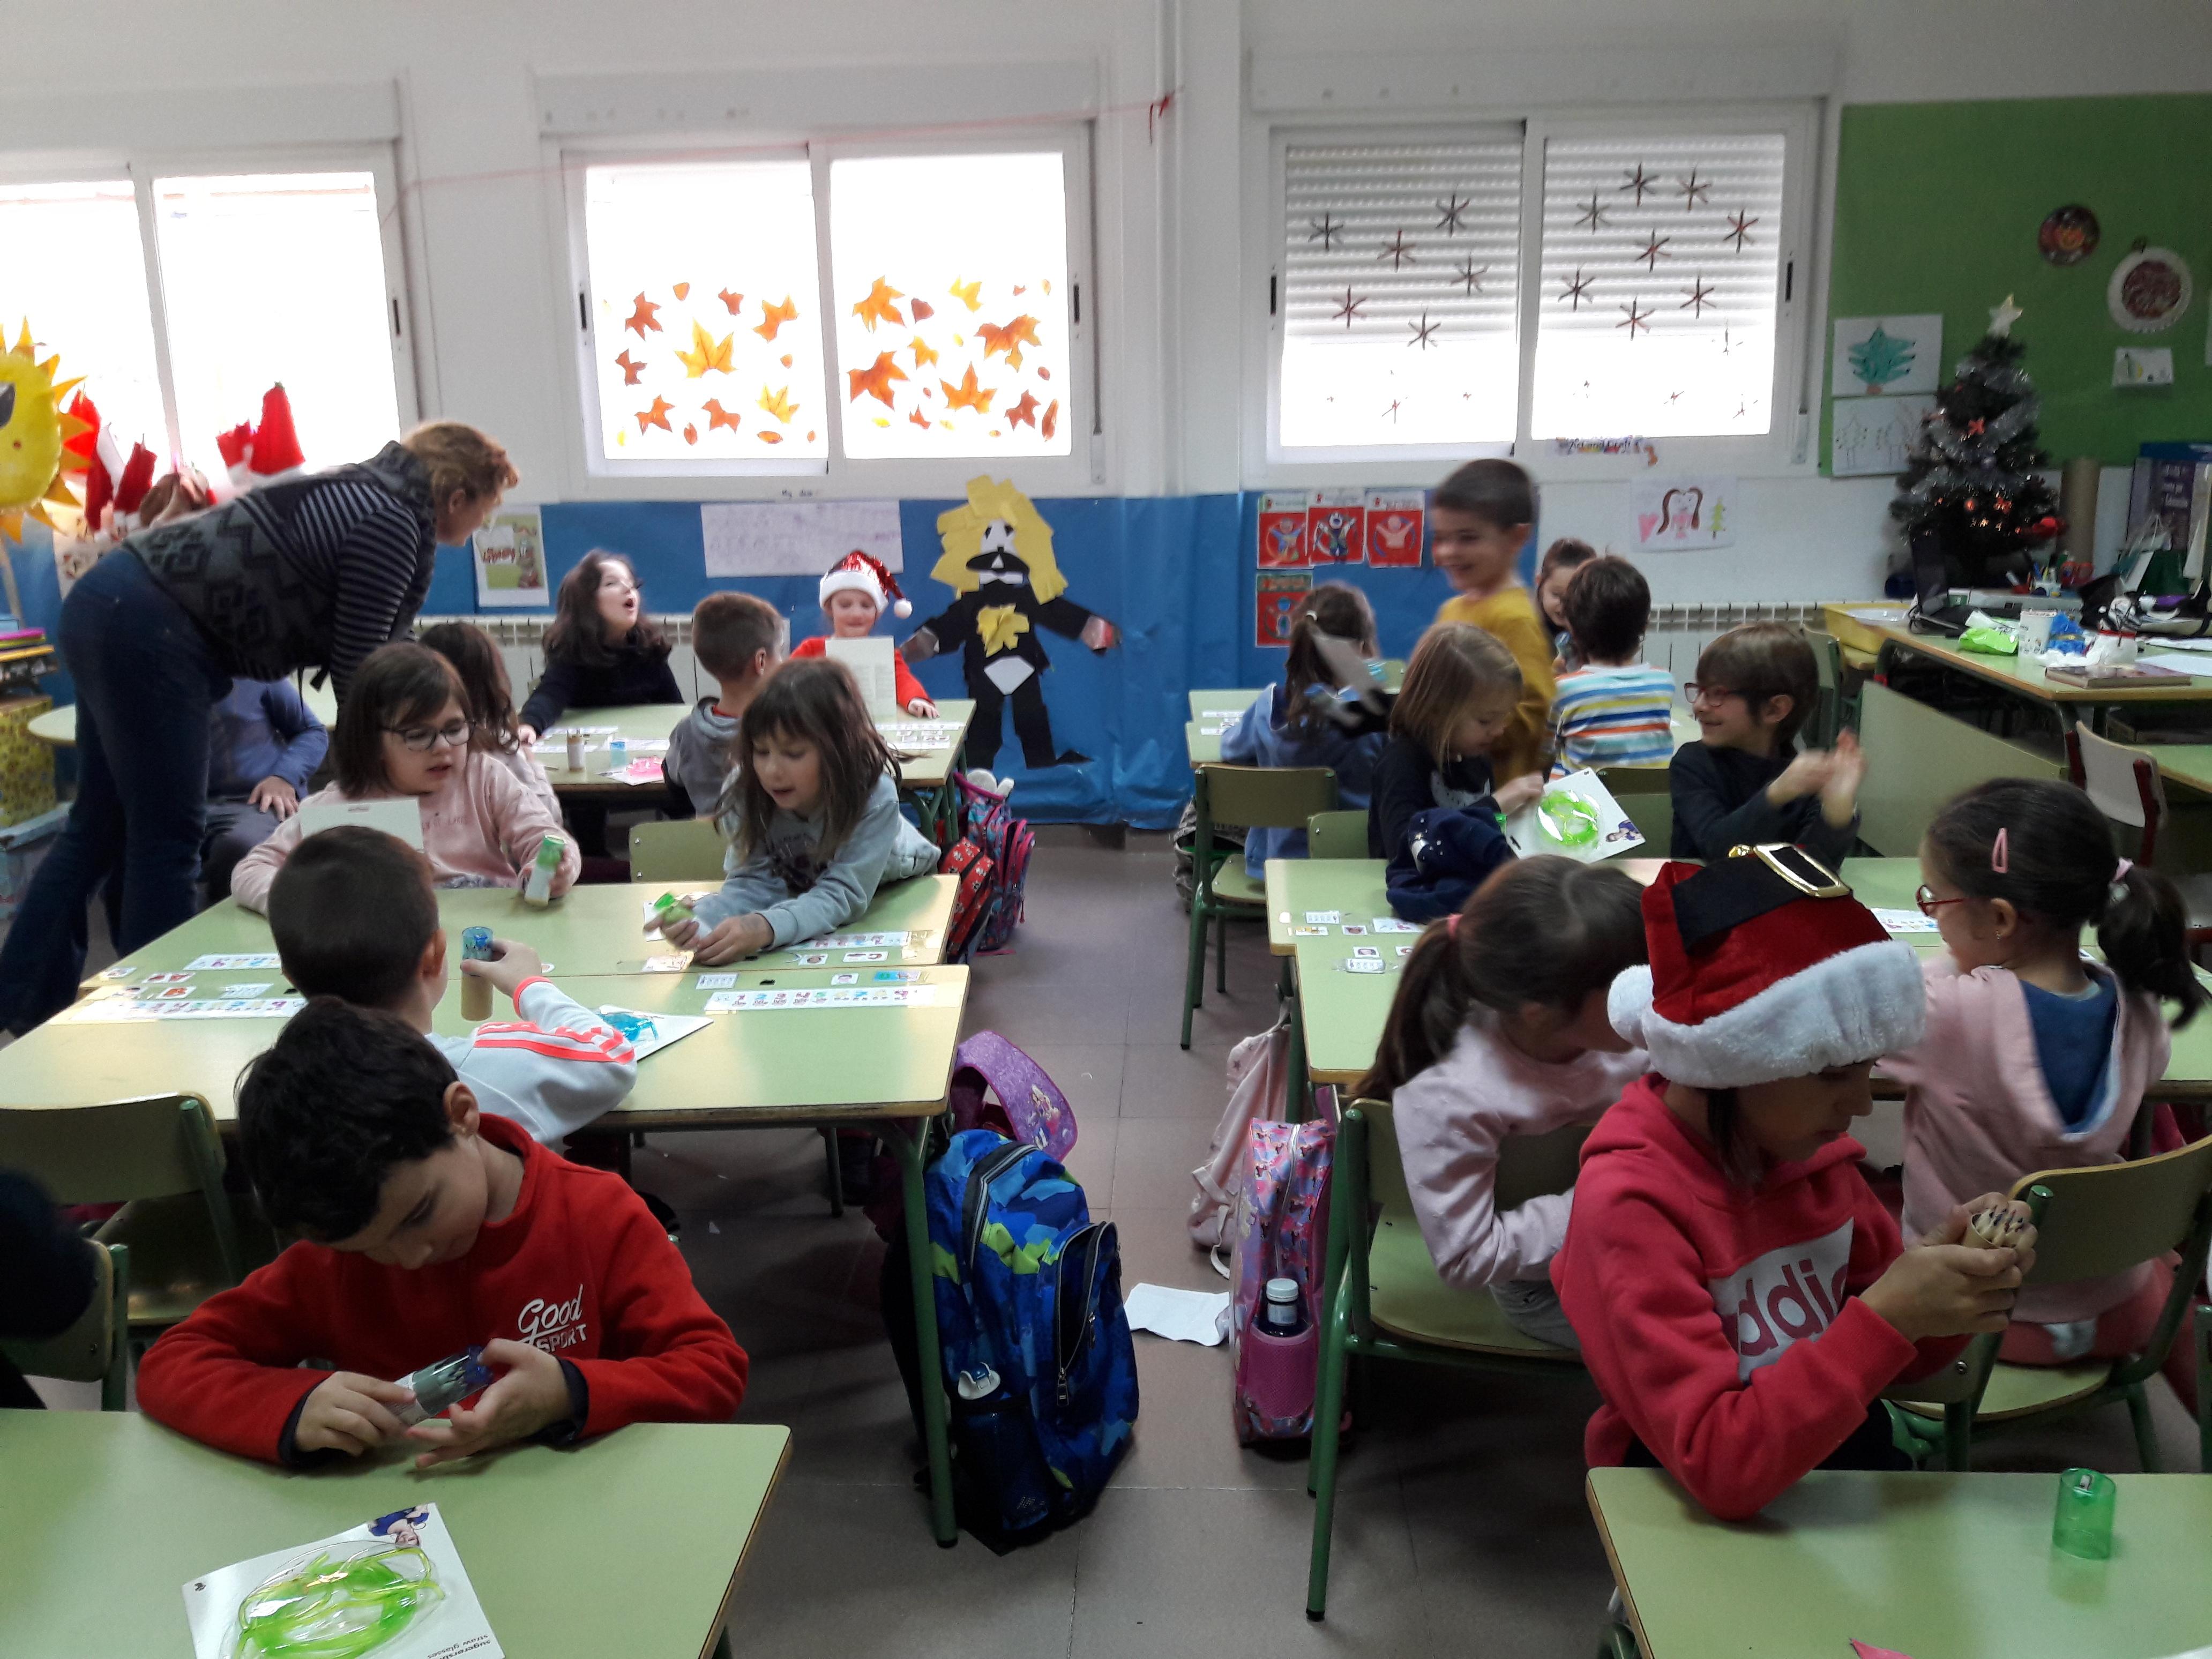 Santa Claus comes to School 13